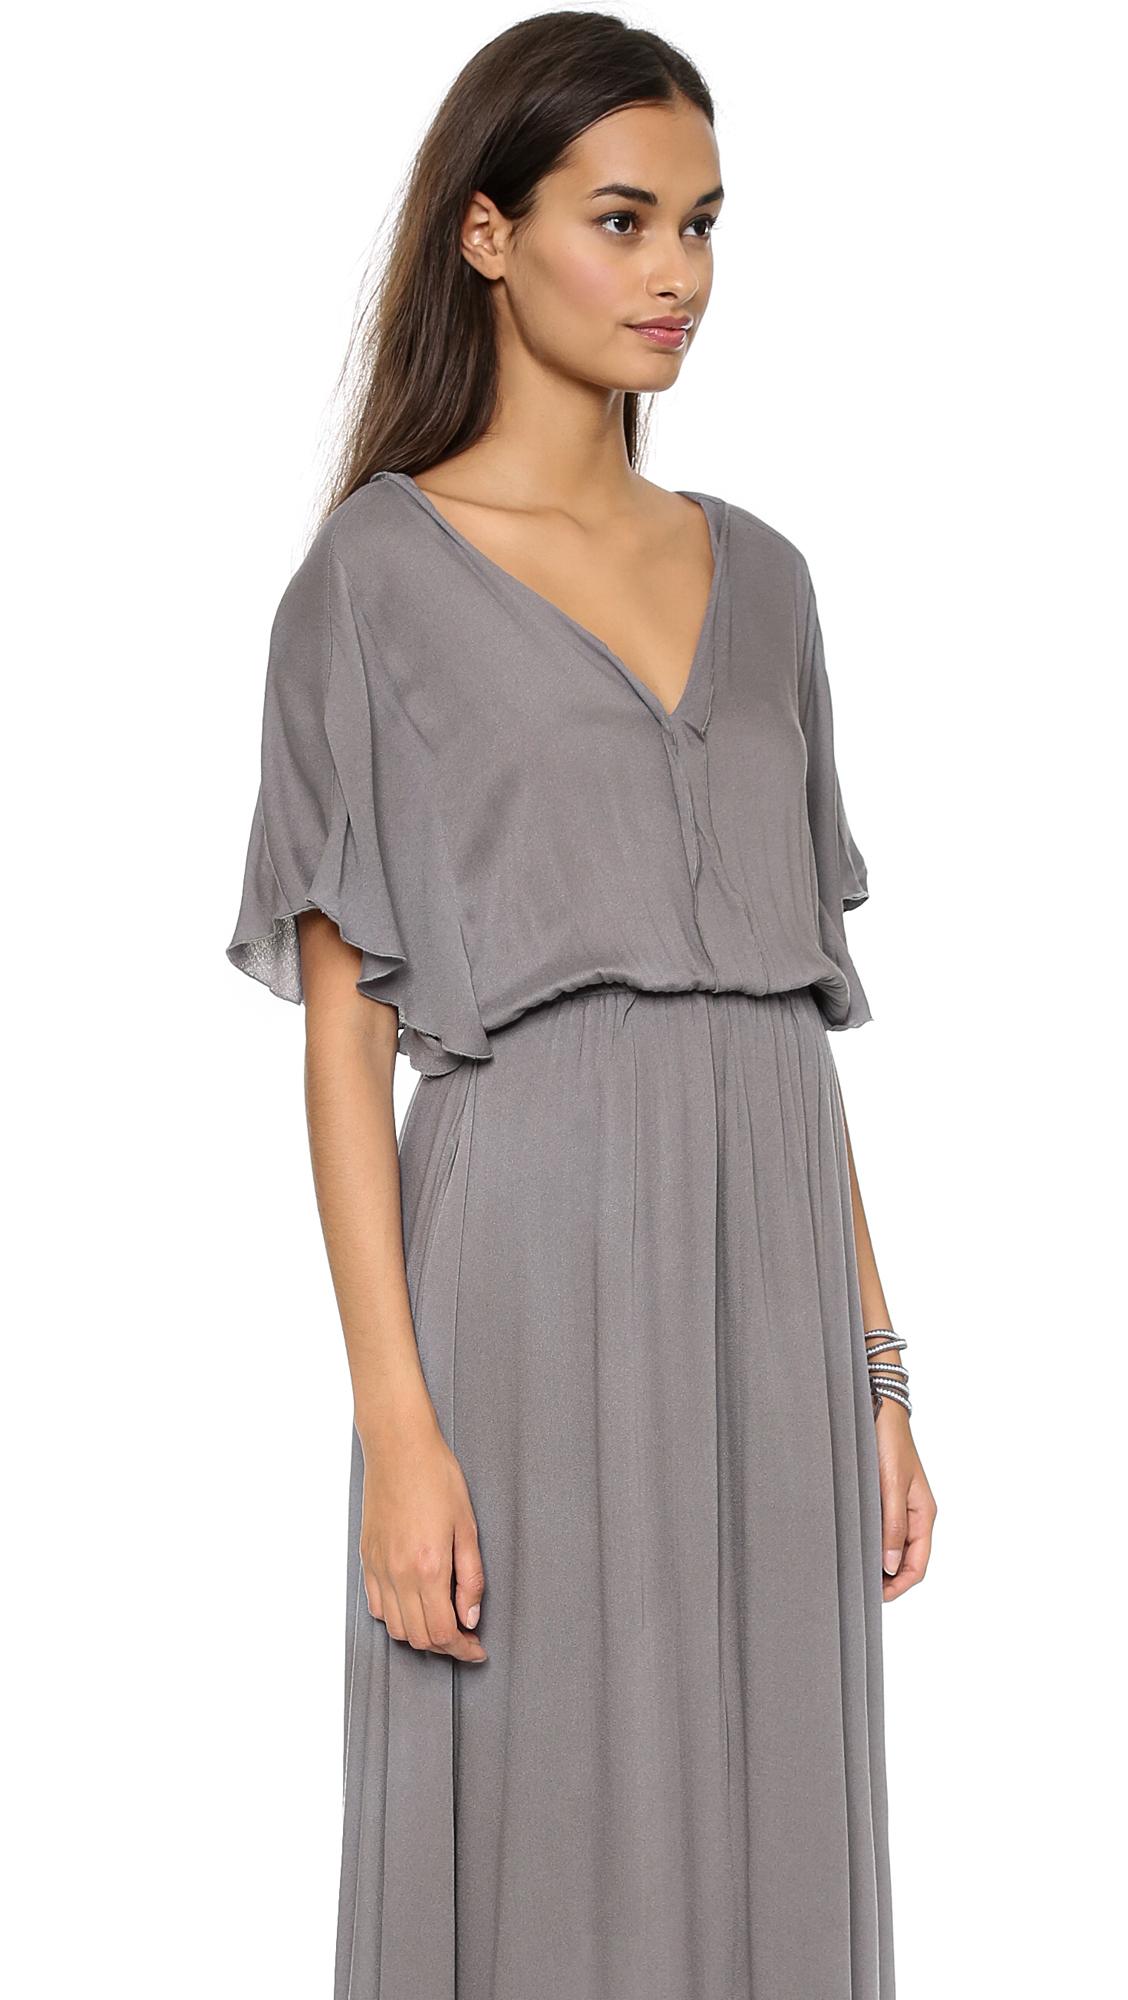 Ella moss Stella Maxi Dress in Gray - Lyst